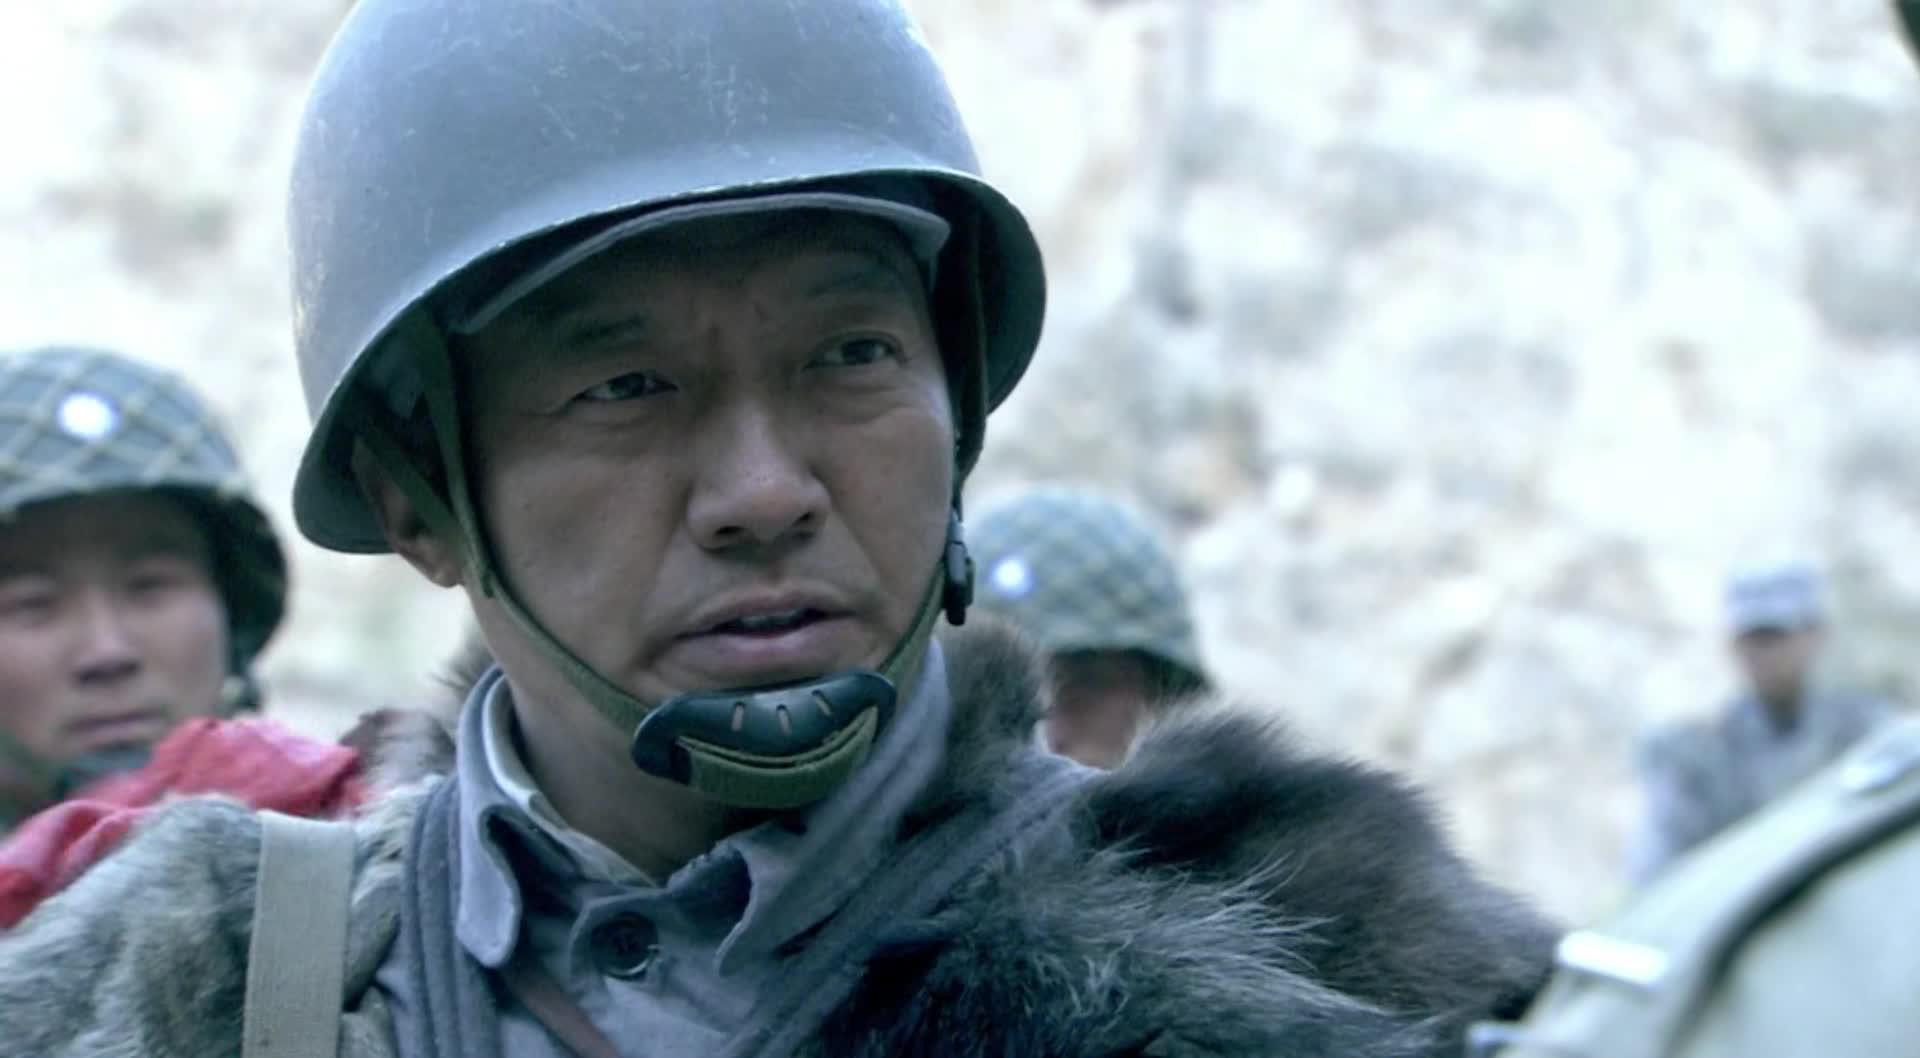 【飞虎队大营救】第36集预告-鬼子突然袭击八路助阵老狐狸